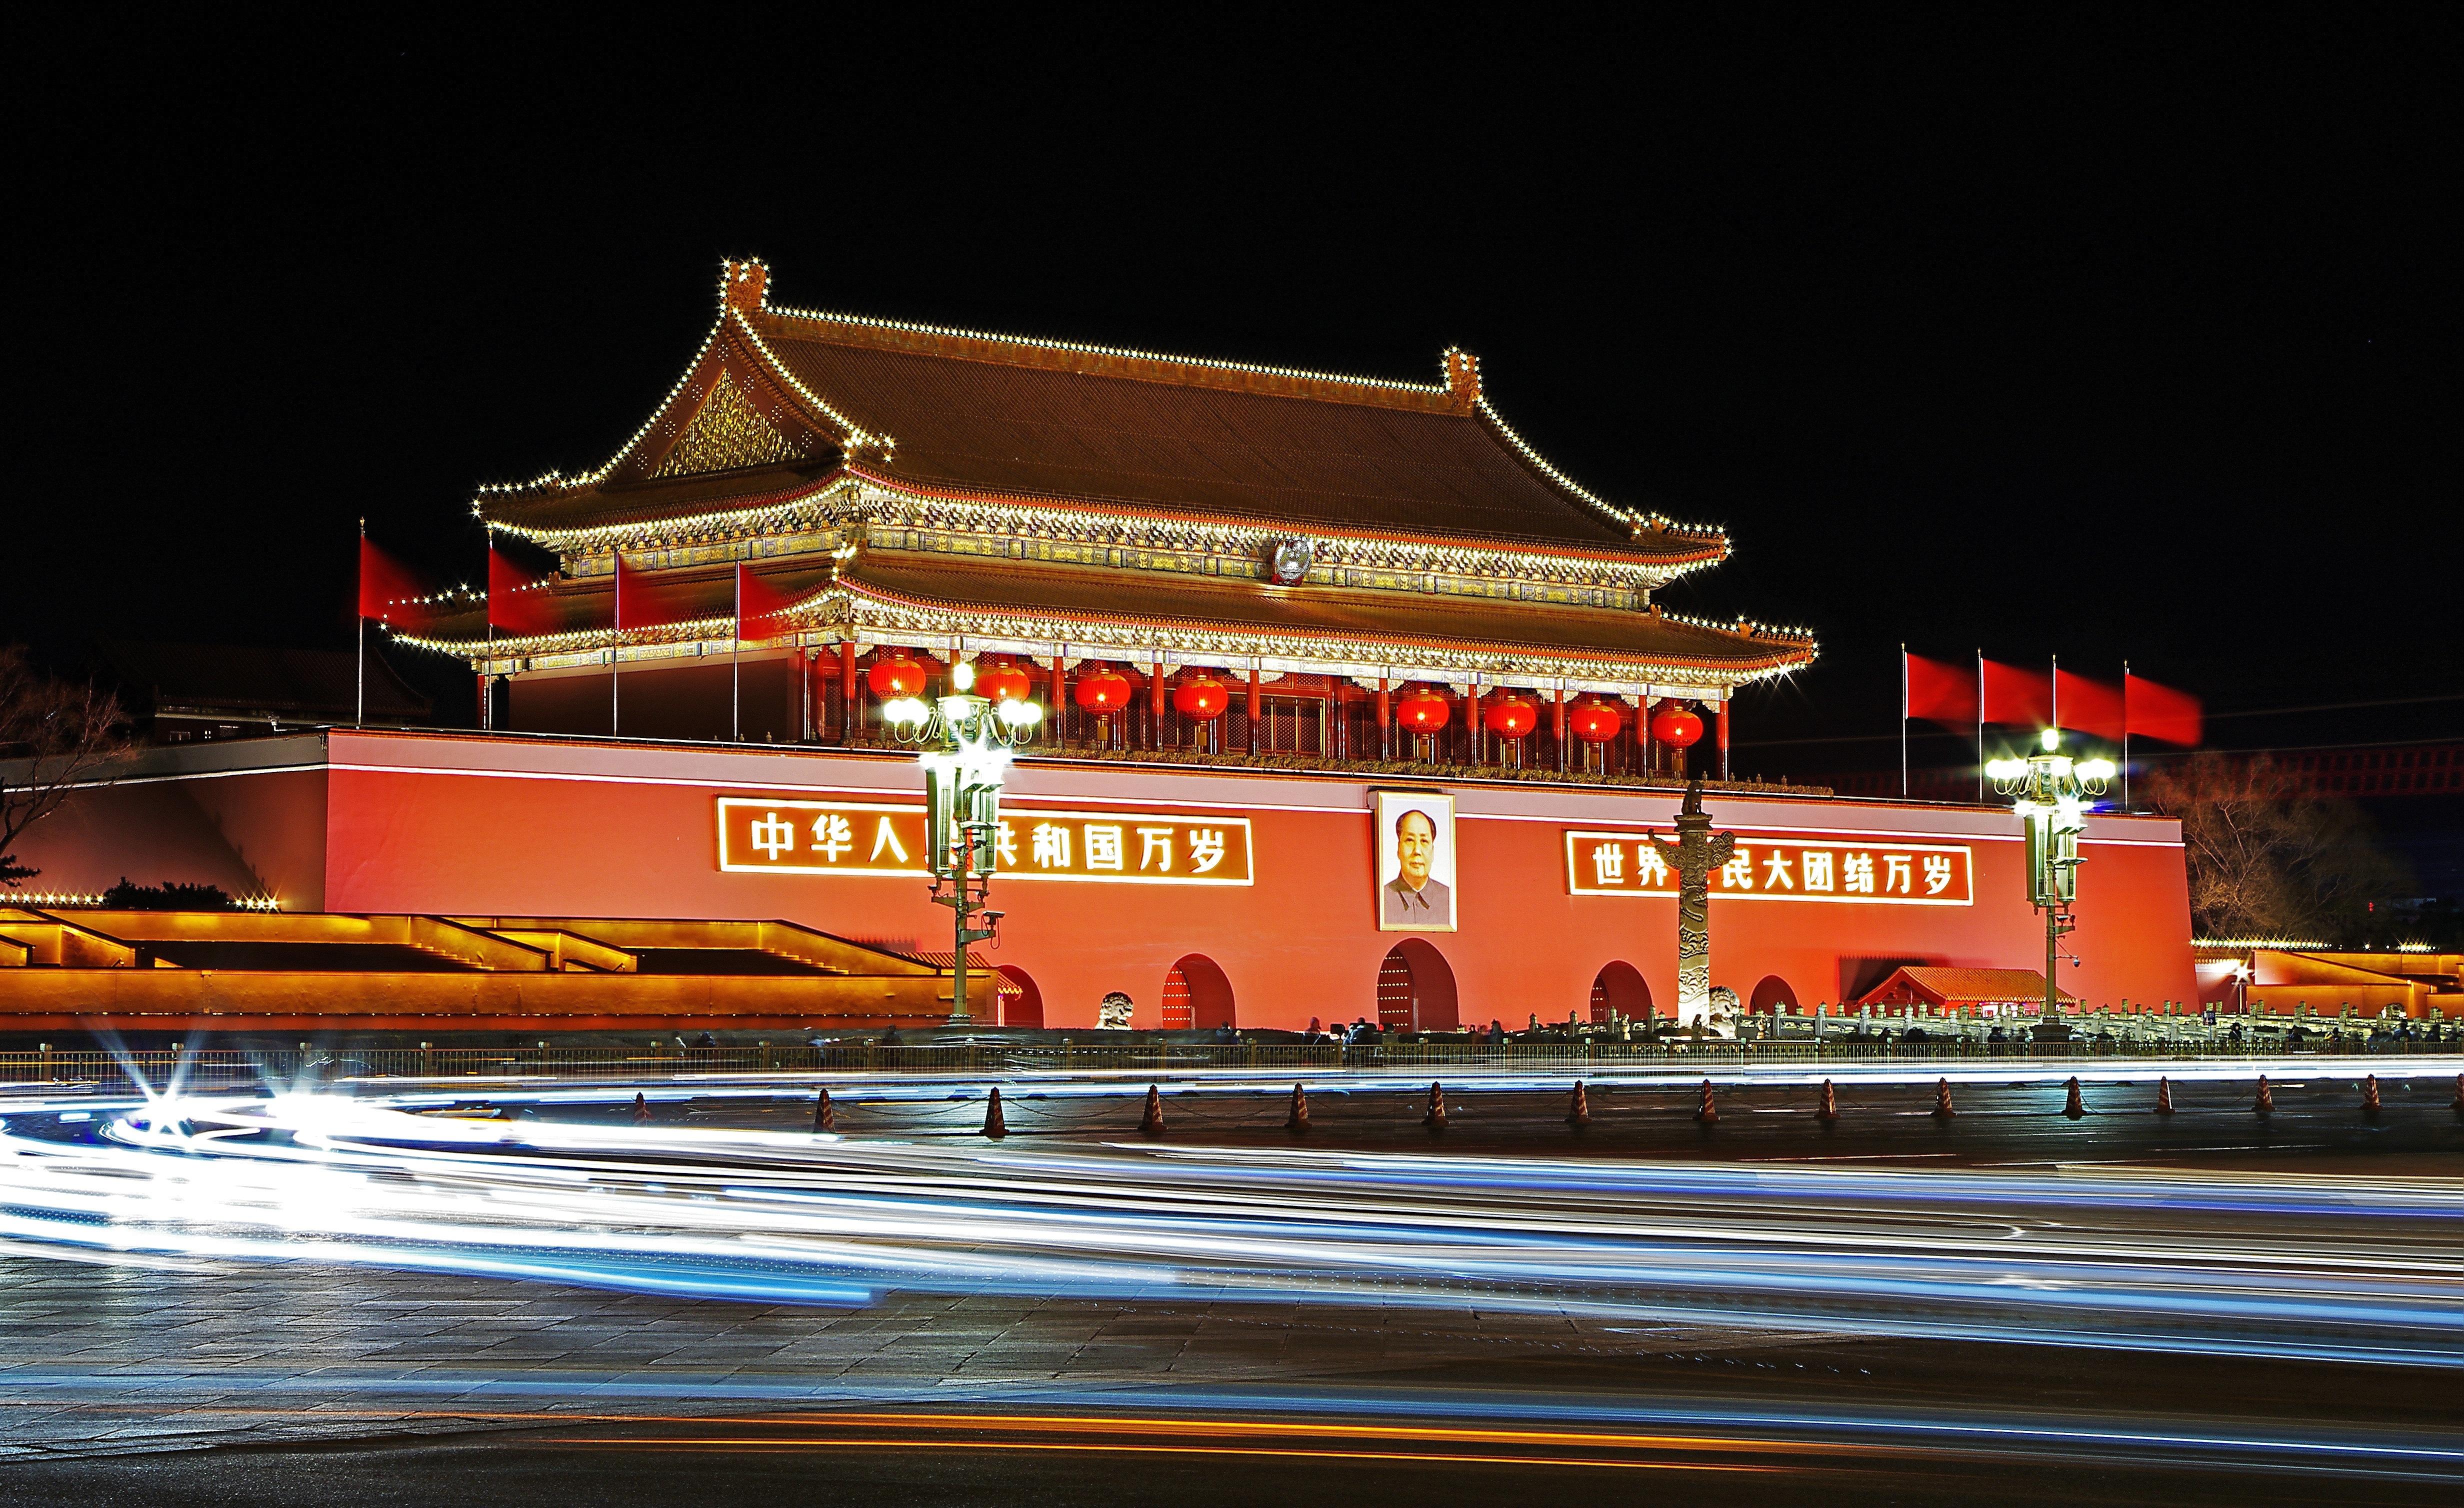 中国と日本のビジネス文化はこんなに違う?中国と日本ビジネスを前向きに進める為に必要なこととは!   株式会社K&L